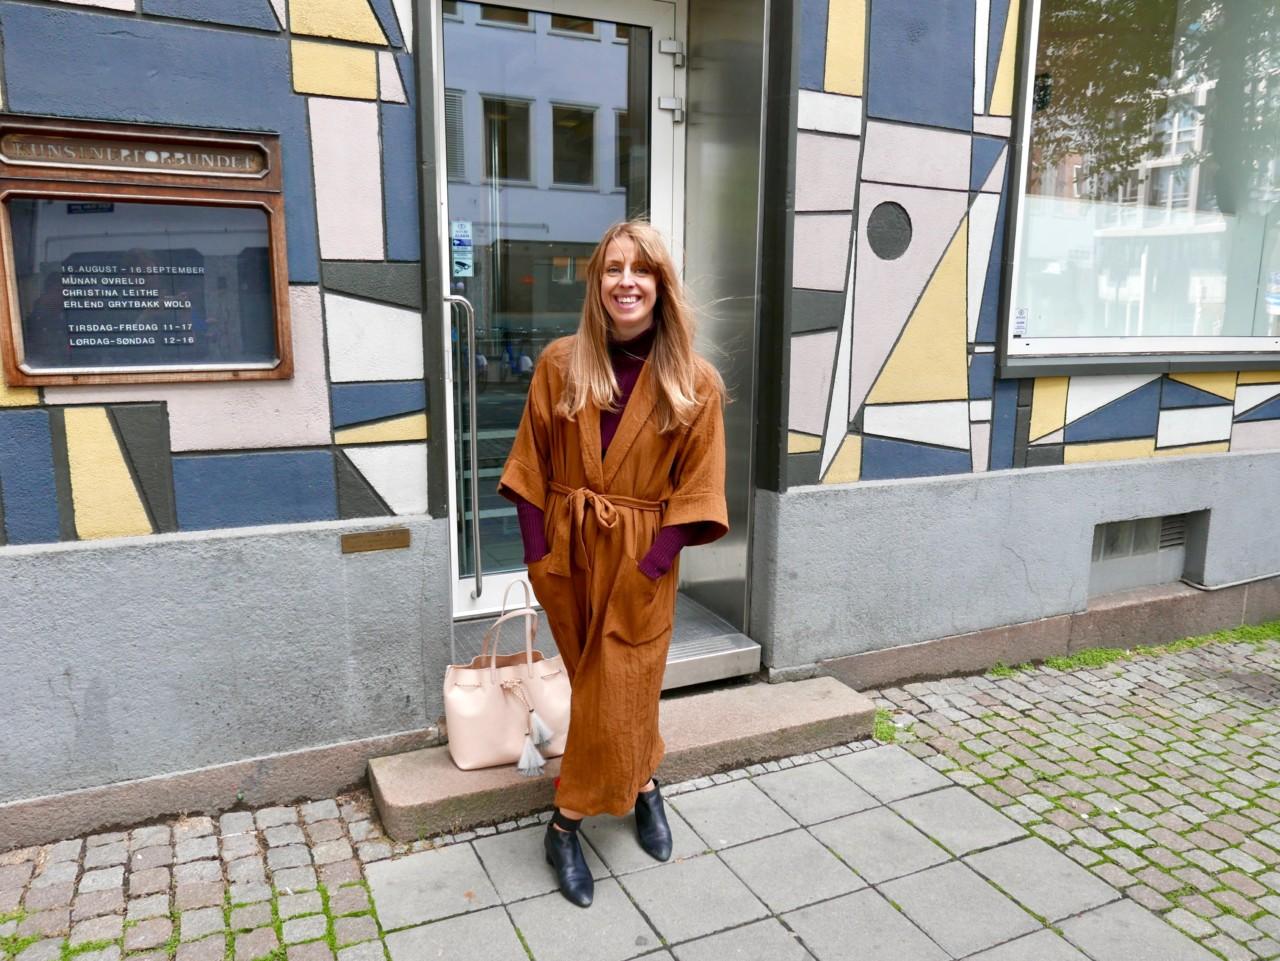 anja-stang-mandag-motivasjon-okologisk-kaffe-green-world